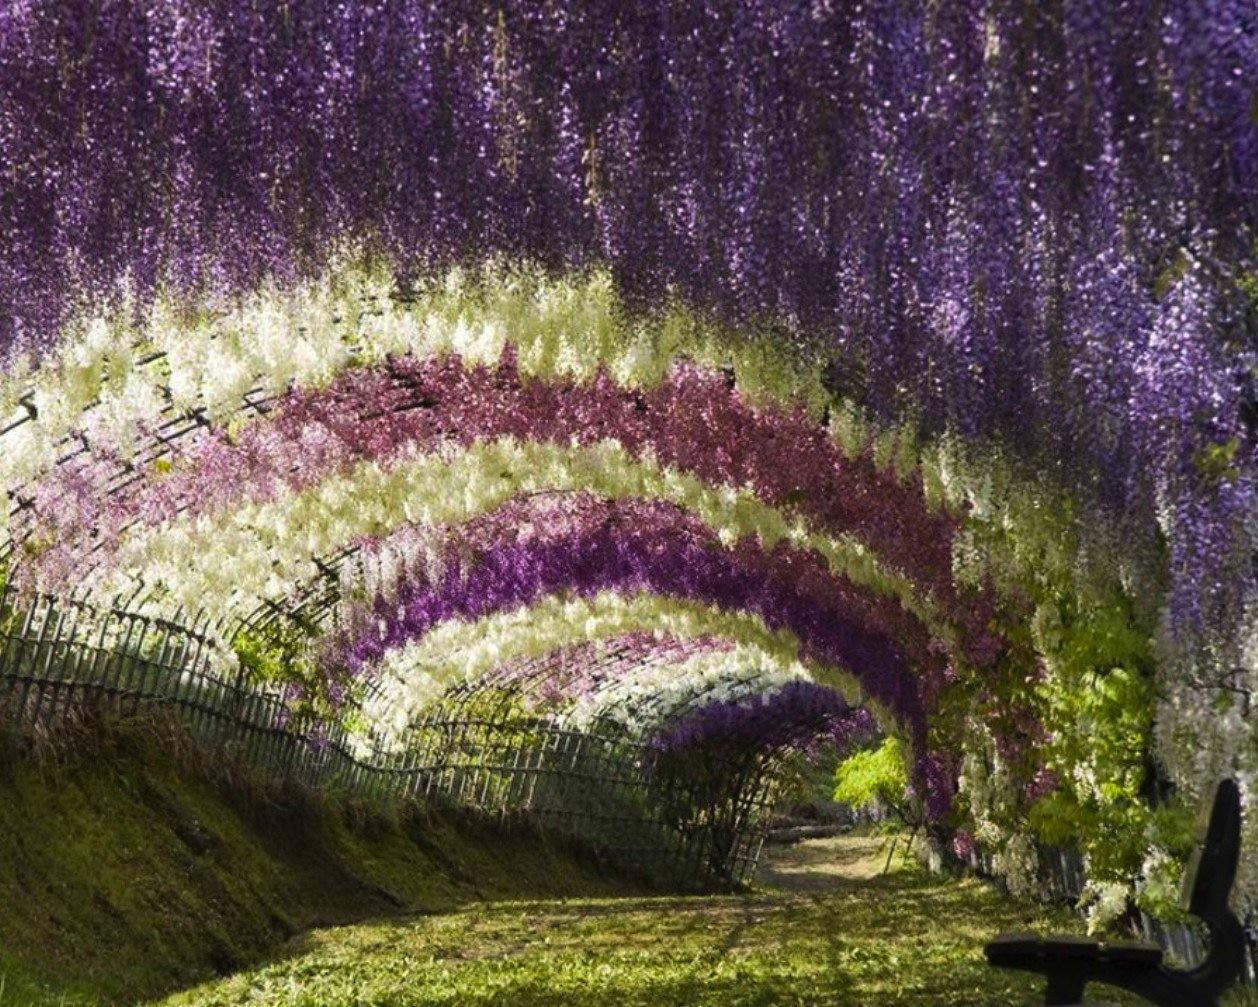 海外の人たちも魅了!!藤の花に覆われた おとぎ話のような花のトンネル「河内藤園」(写真7枚) Viva Wマガジン